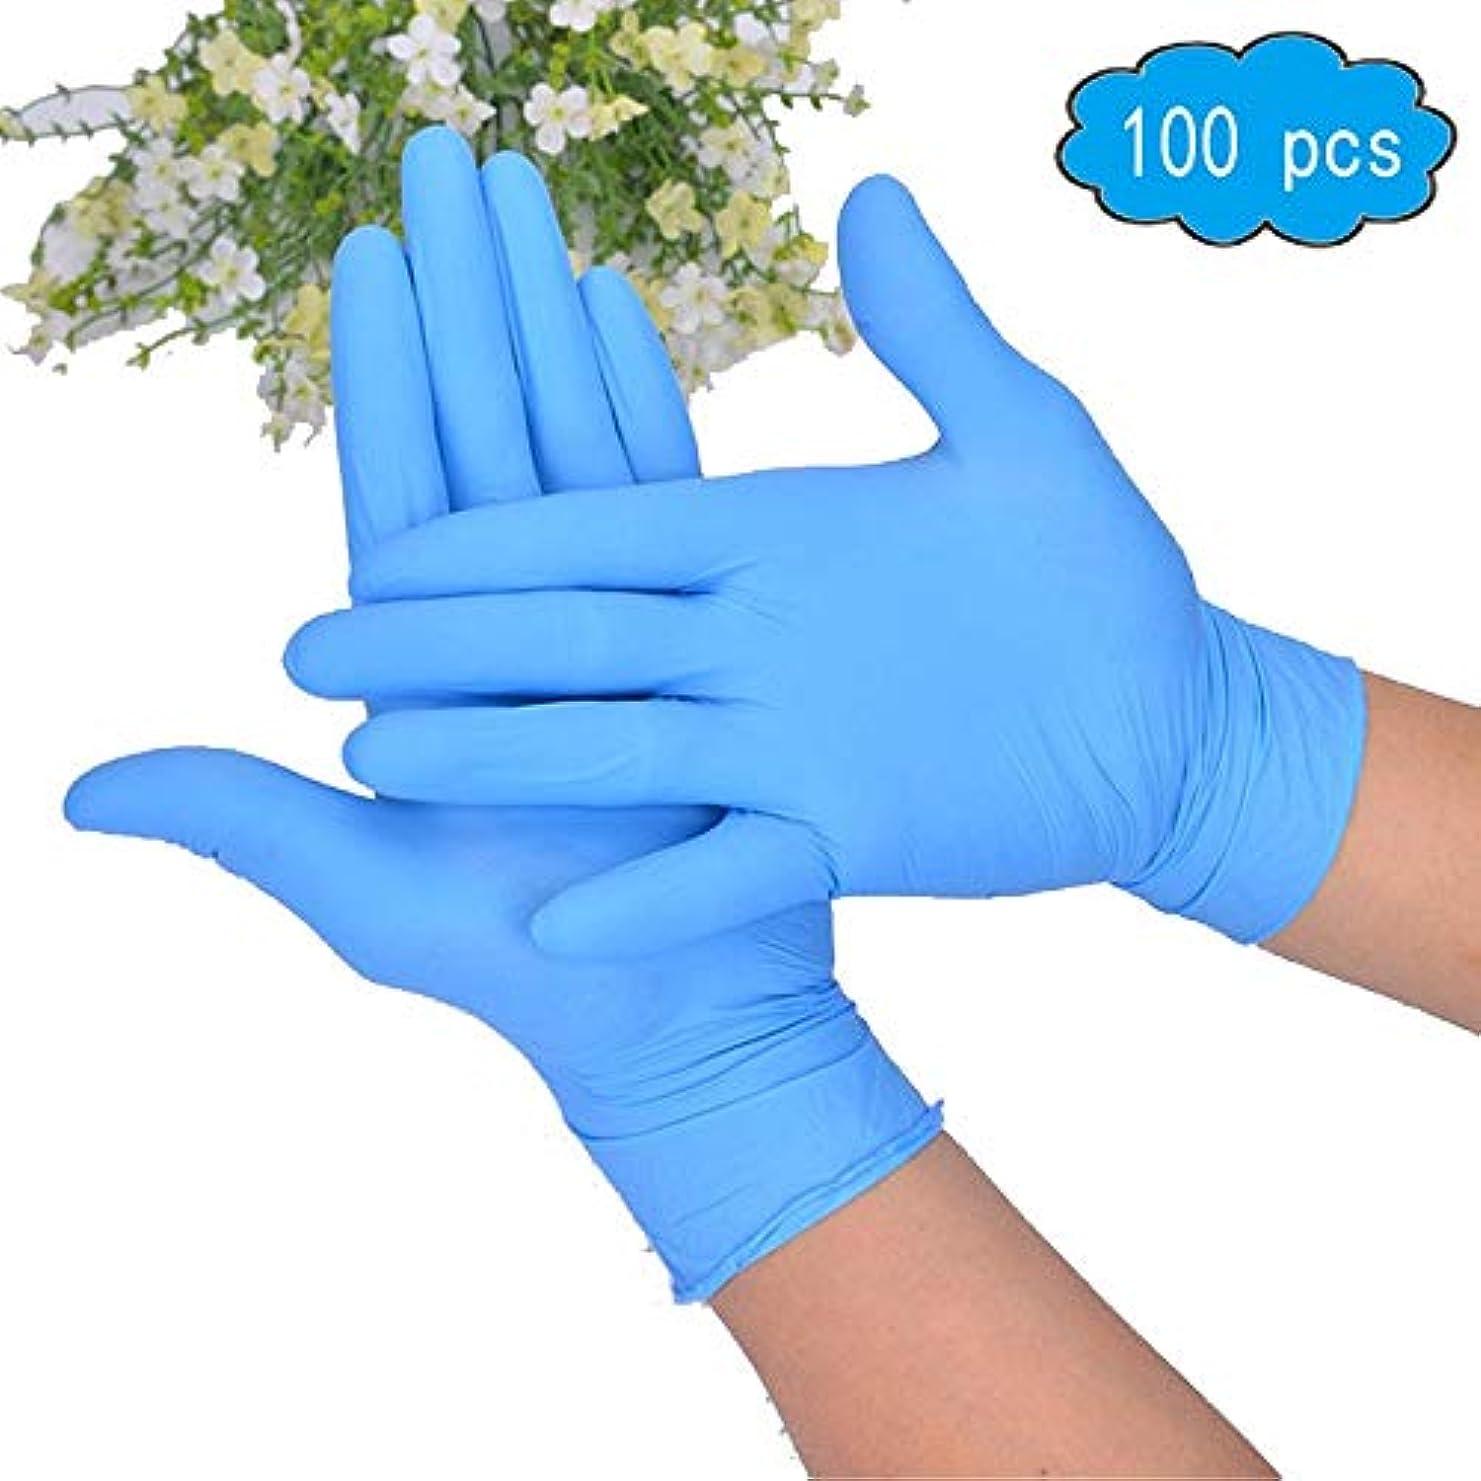 忠実にオートマトンシャー使い捨てラテックス手袋-医療グレード、パウダーフリー、使い捨て、非滅菌、食品安全、テクスチャード加工、ラテックス手袋、ラボ、100PCS、安全&作業用手袋 (Color : Blue, Size : L)